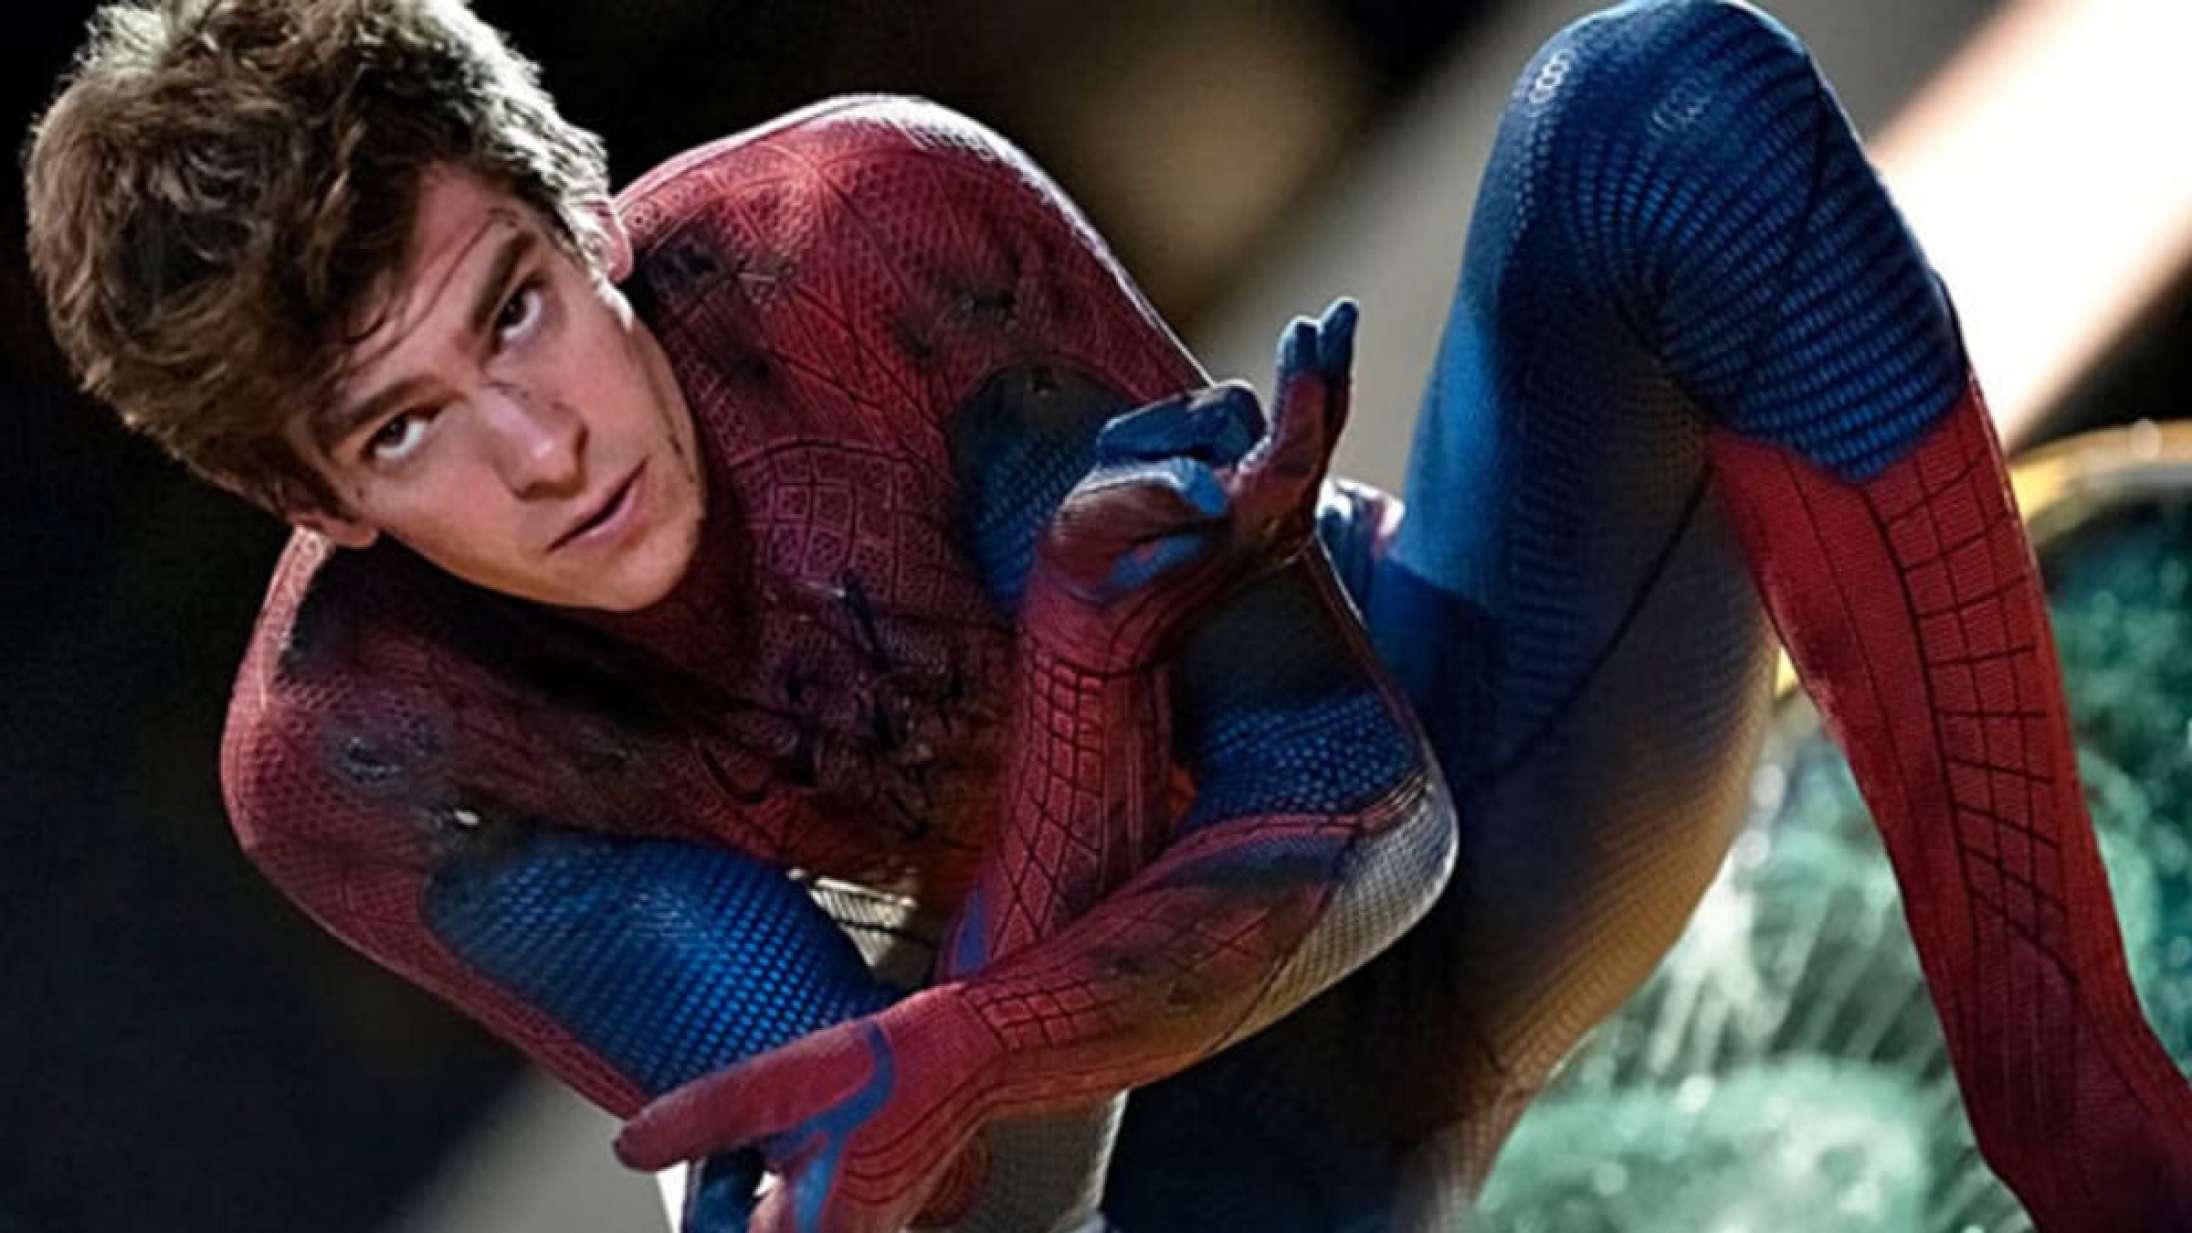 Andrew Garfield kommenterer rygterne om, at han er med i 'Spider-Man: No Way Home': »Jeg vil anbefale jer at slappe af«